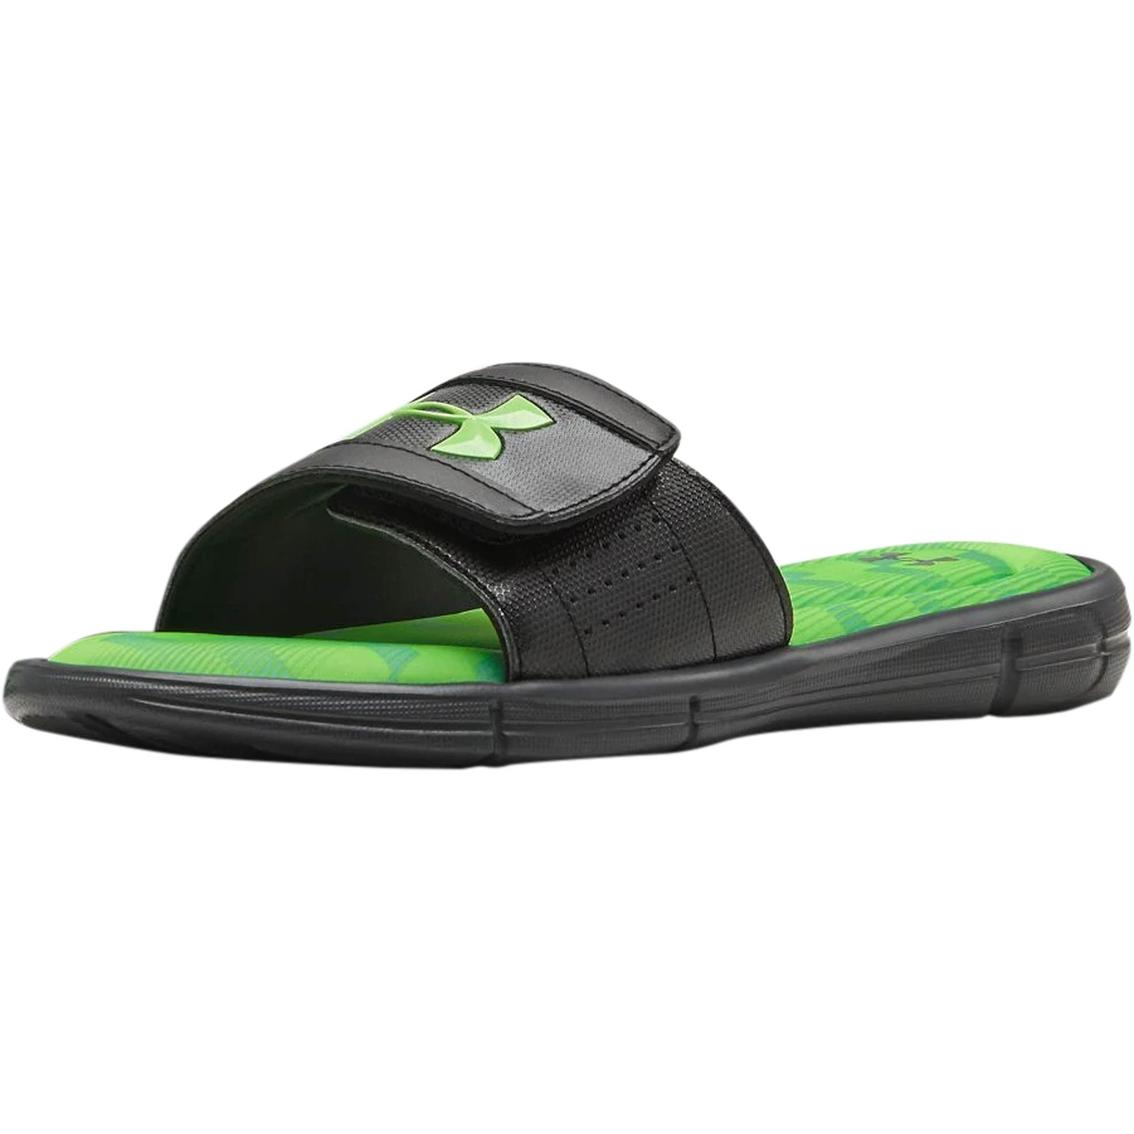 a64364a164 Under Armour Men's Ignite V Stagger Slides | Sandals & Flip Flops ...